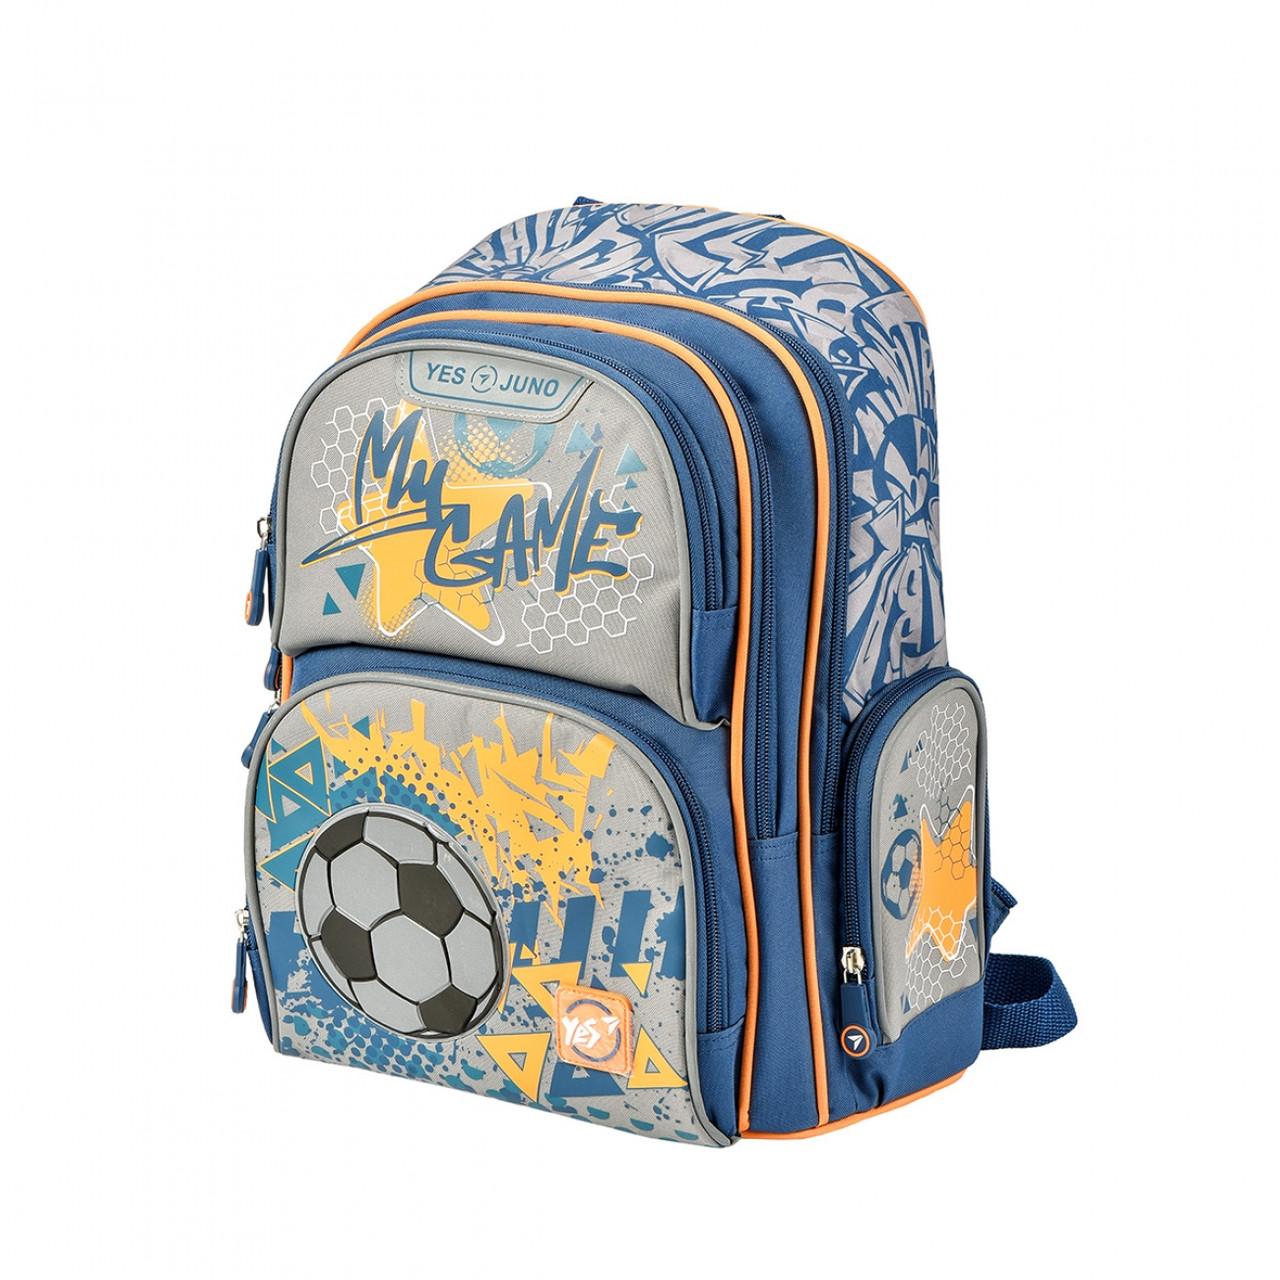 Рюкзак шкільний YES S-30 Juno Football (558005)